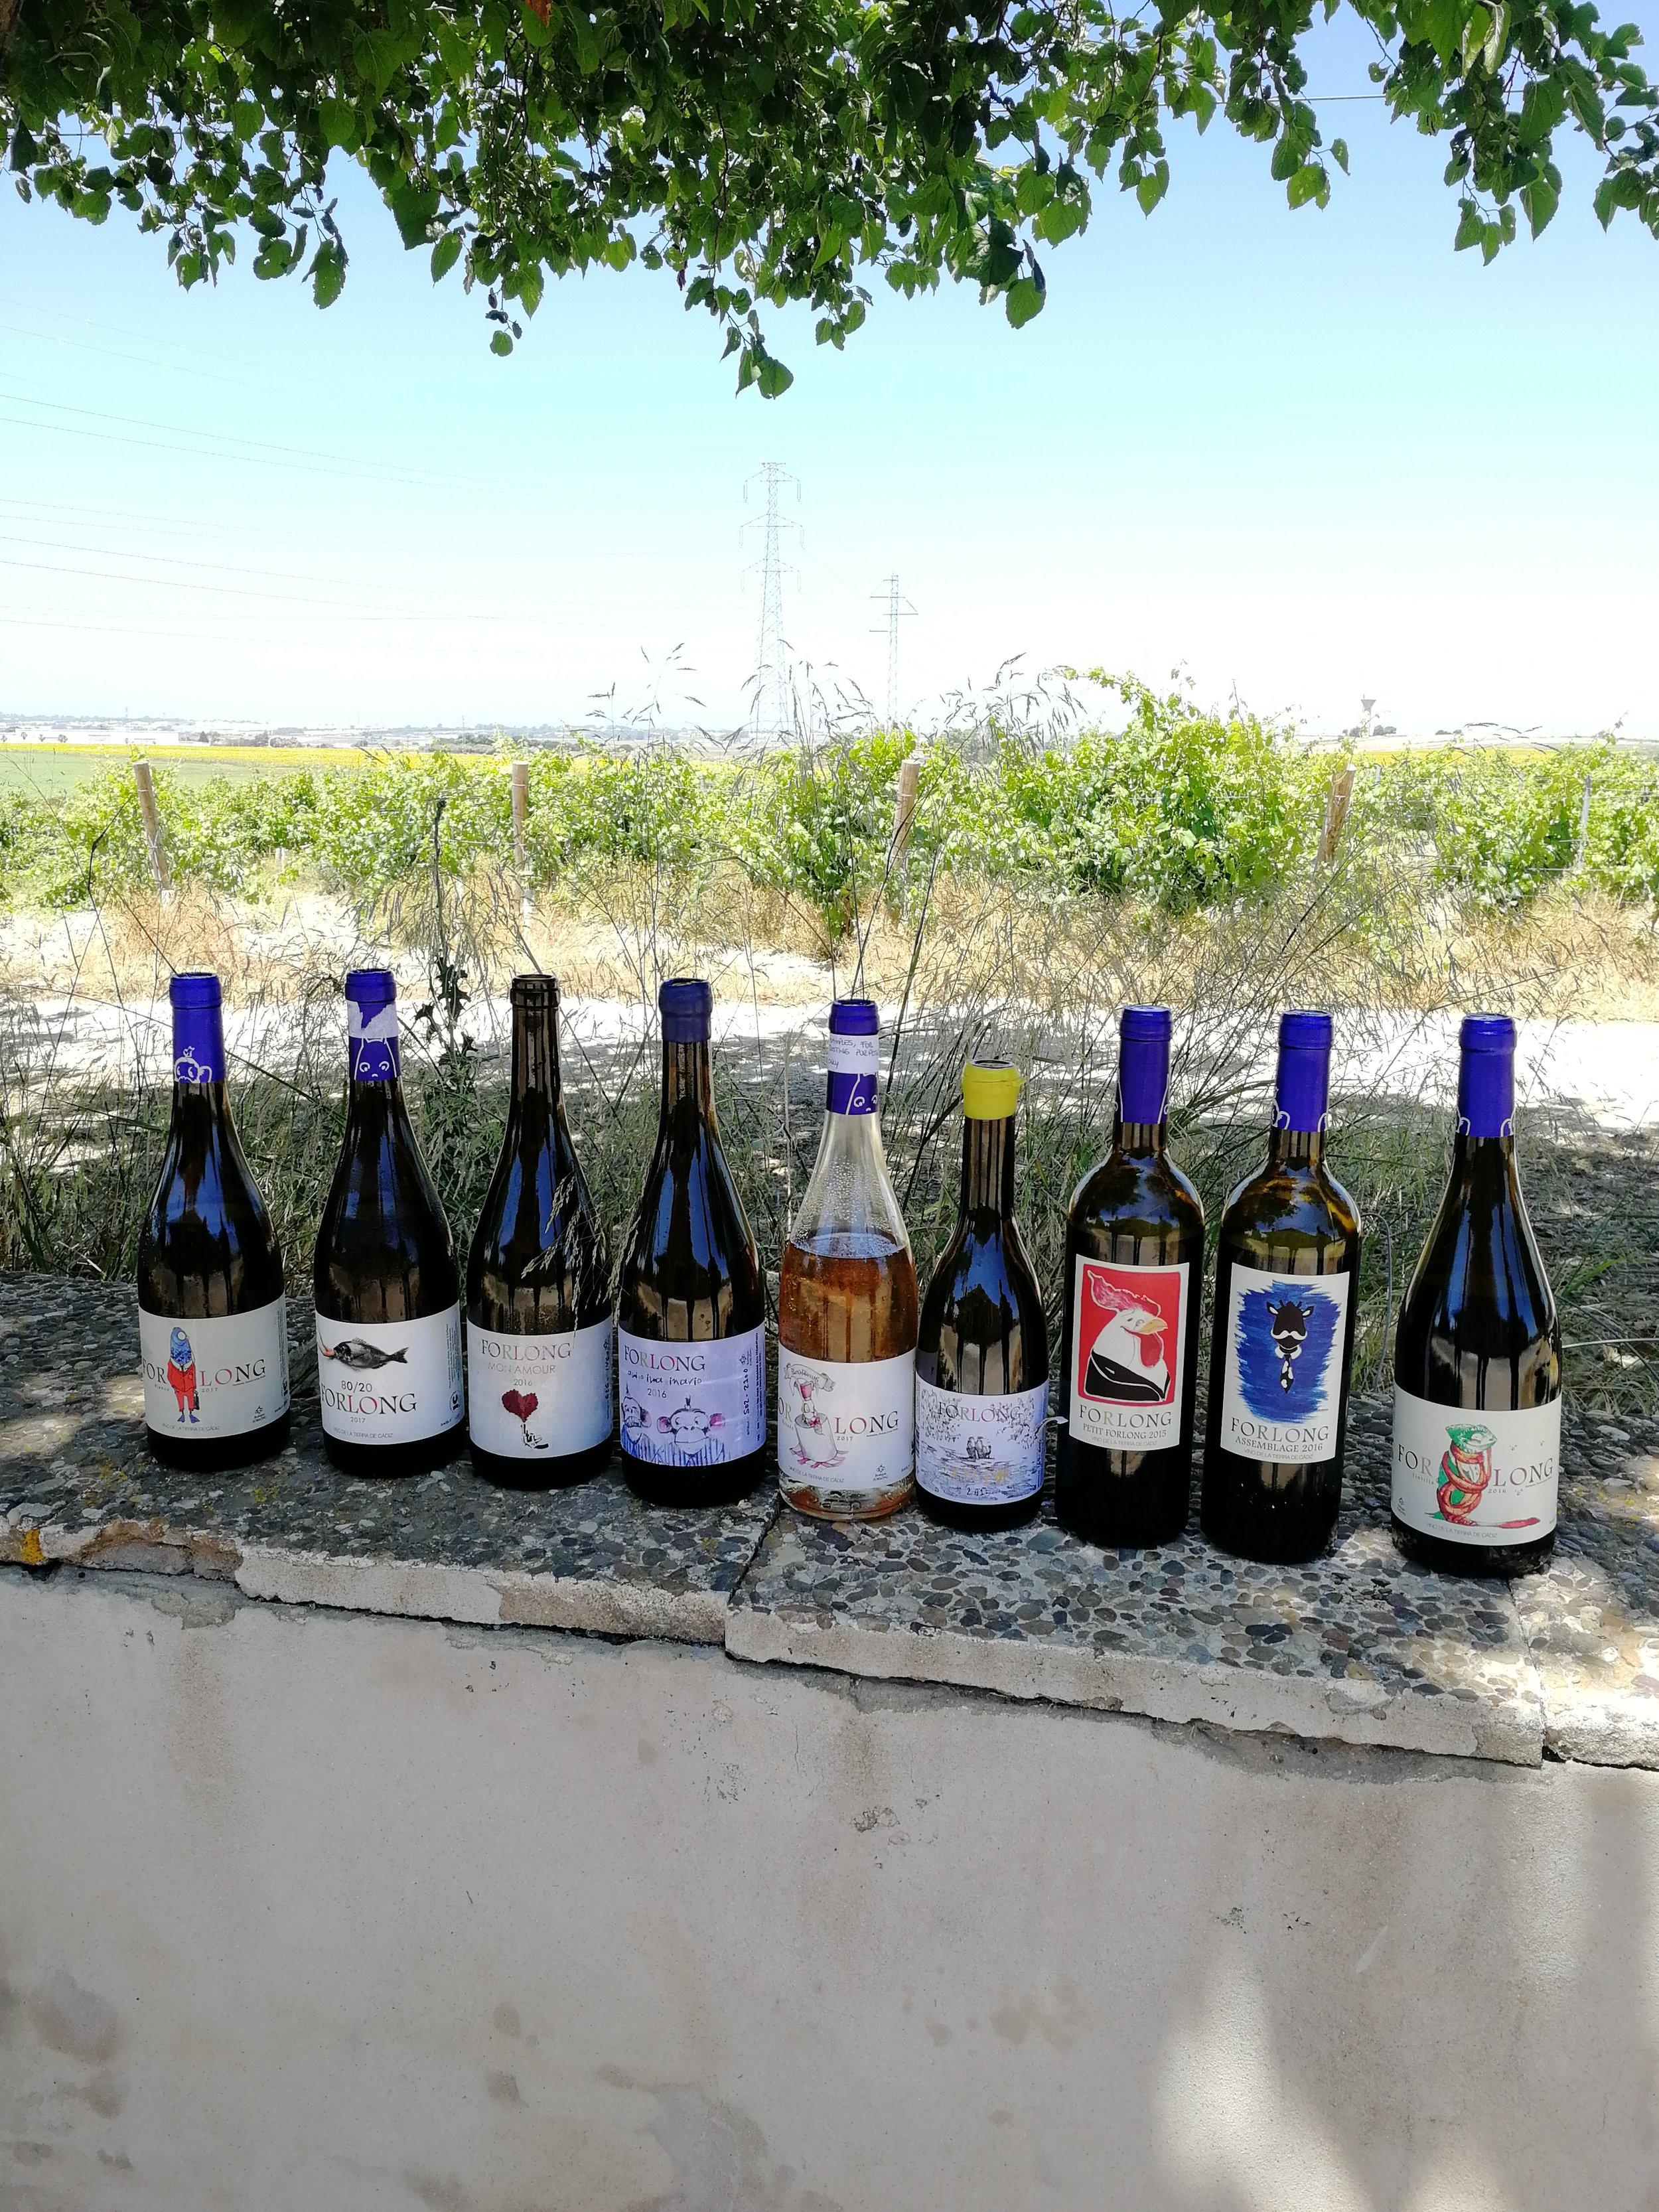 Forlong_wines.jpg